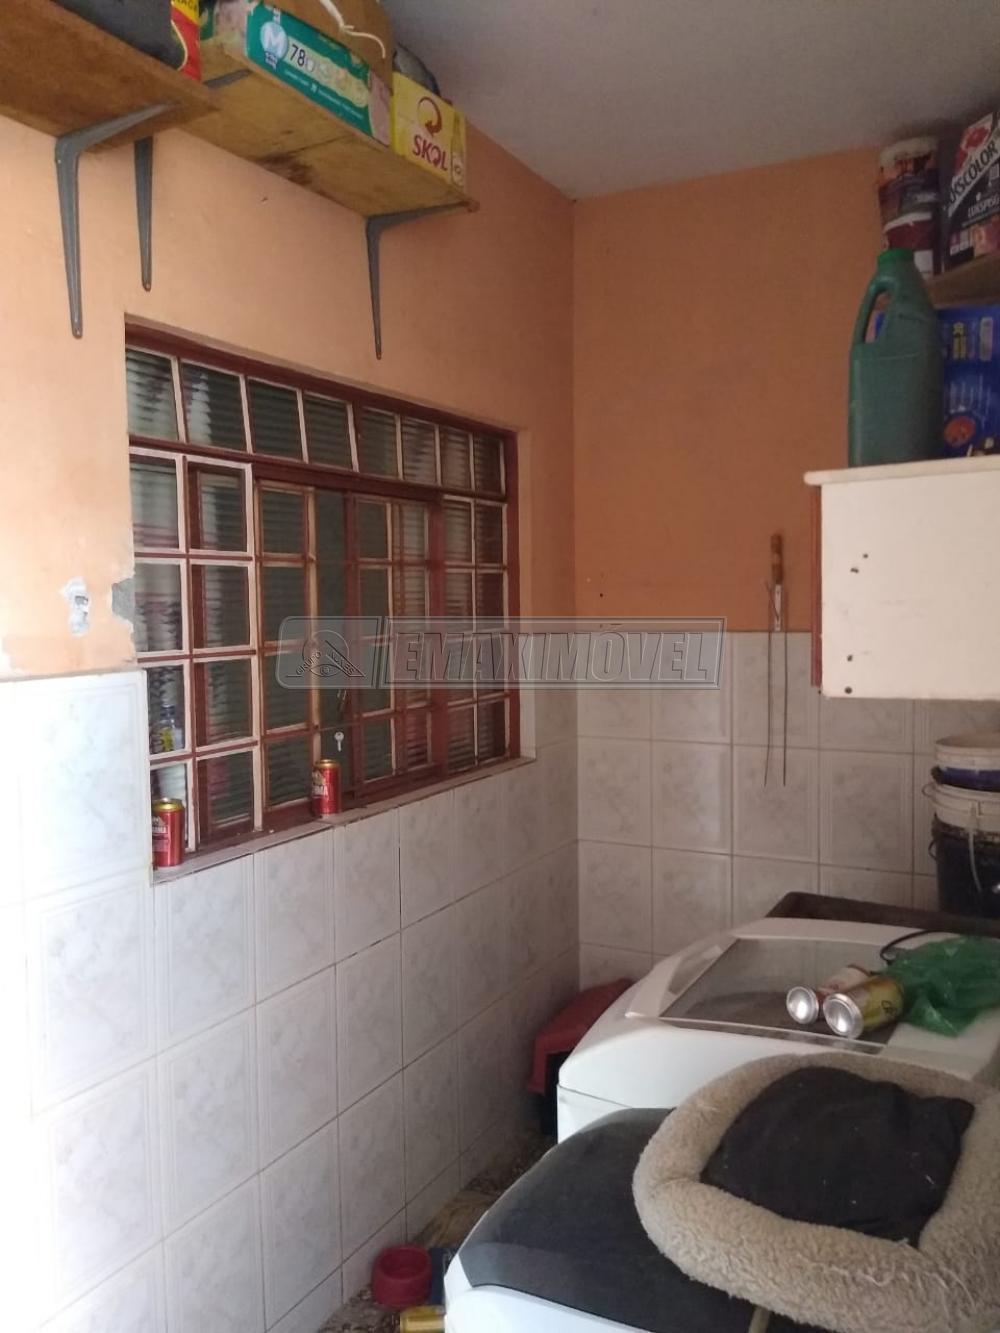 Comprar Casas / em Bairros em Sorocaba R$ 210.000,00 - Foto 18